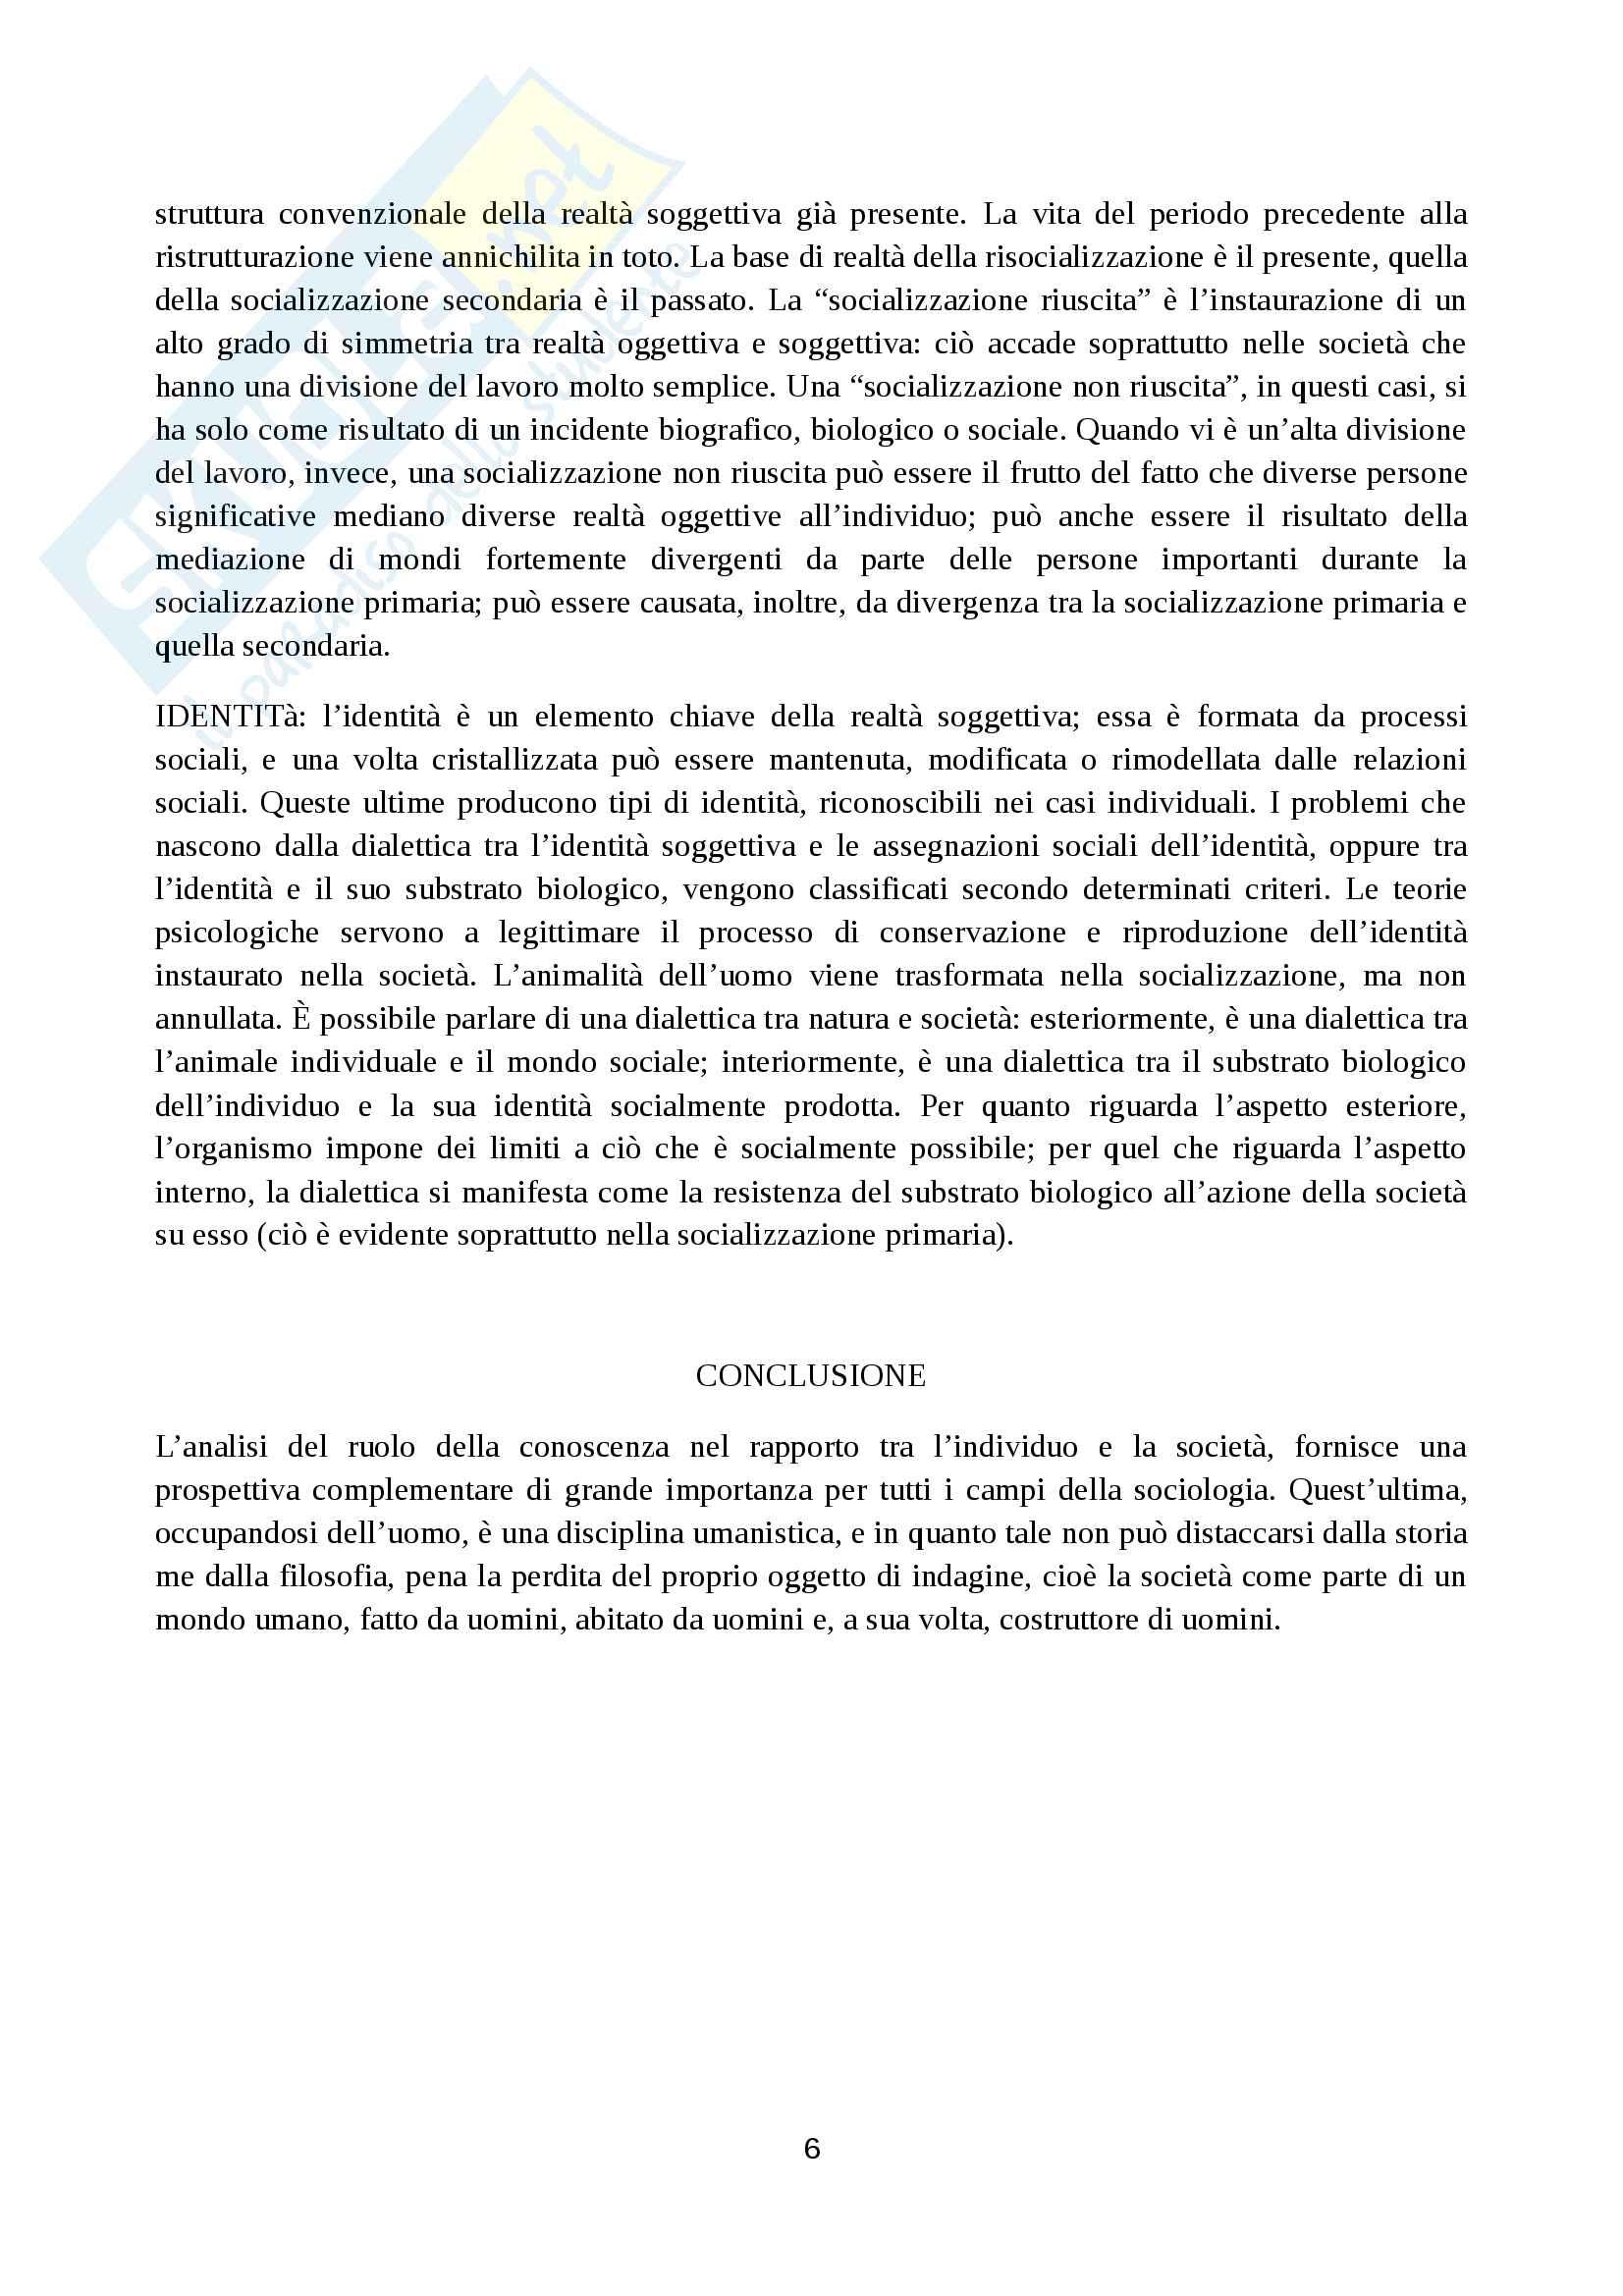 Riassunto esame di sociologia generale, prof. Marzo, libro consigliato La realtà come costruzione sociale, Berger Luckmann Pag. 6